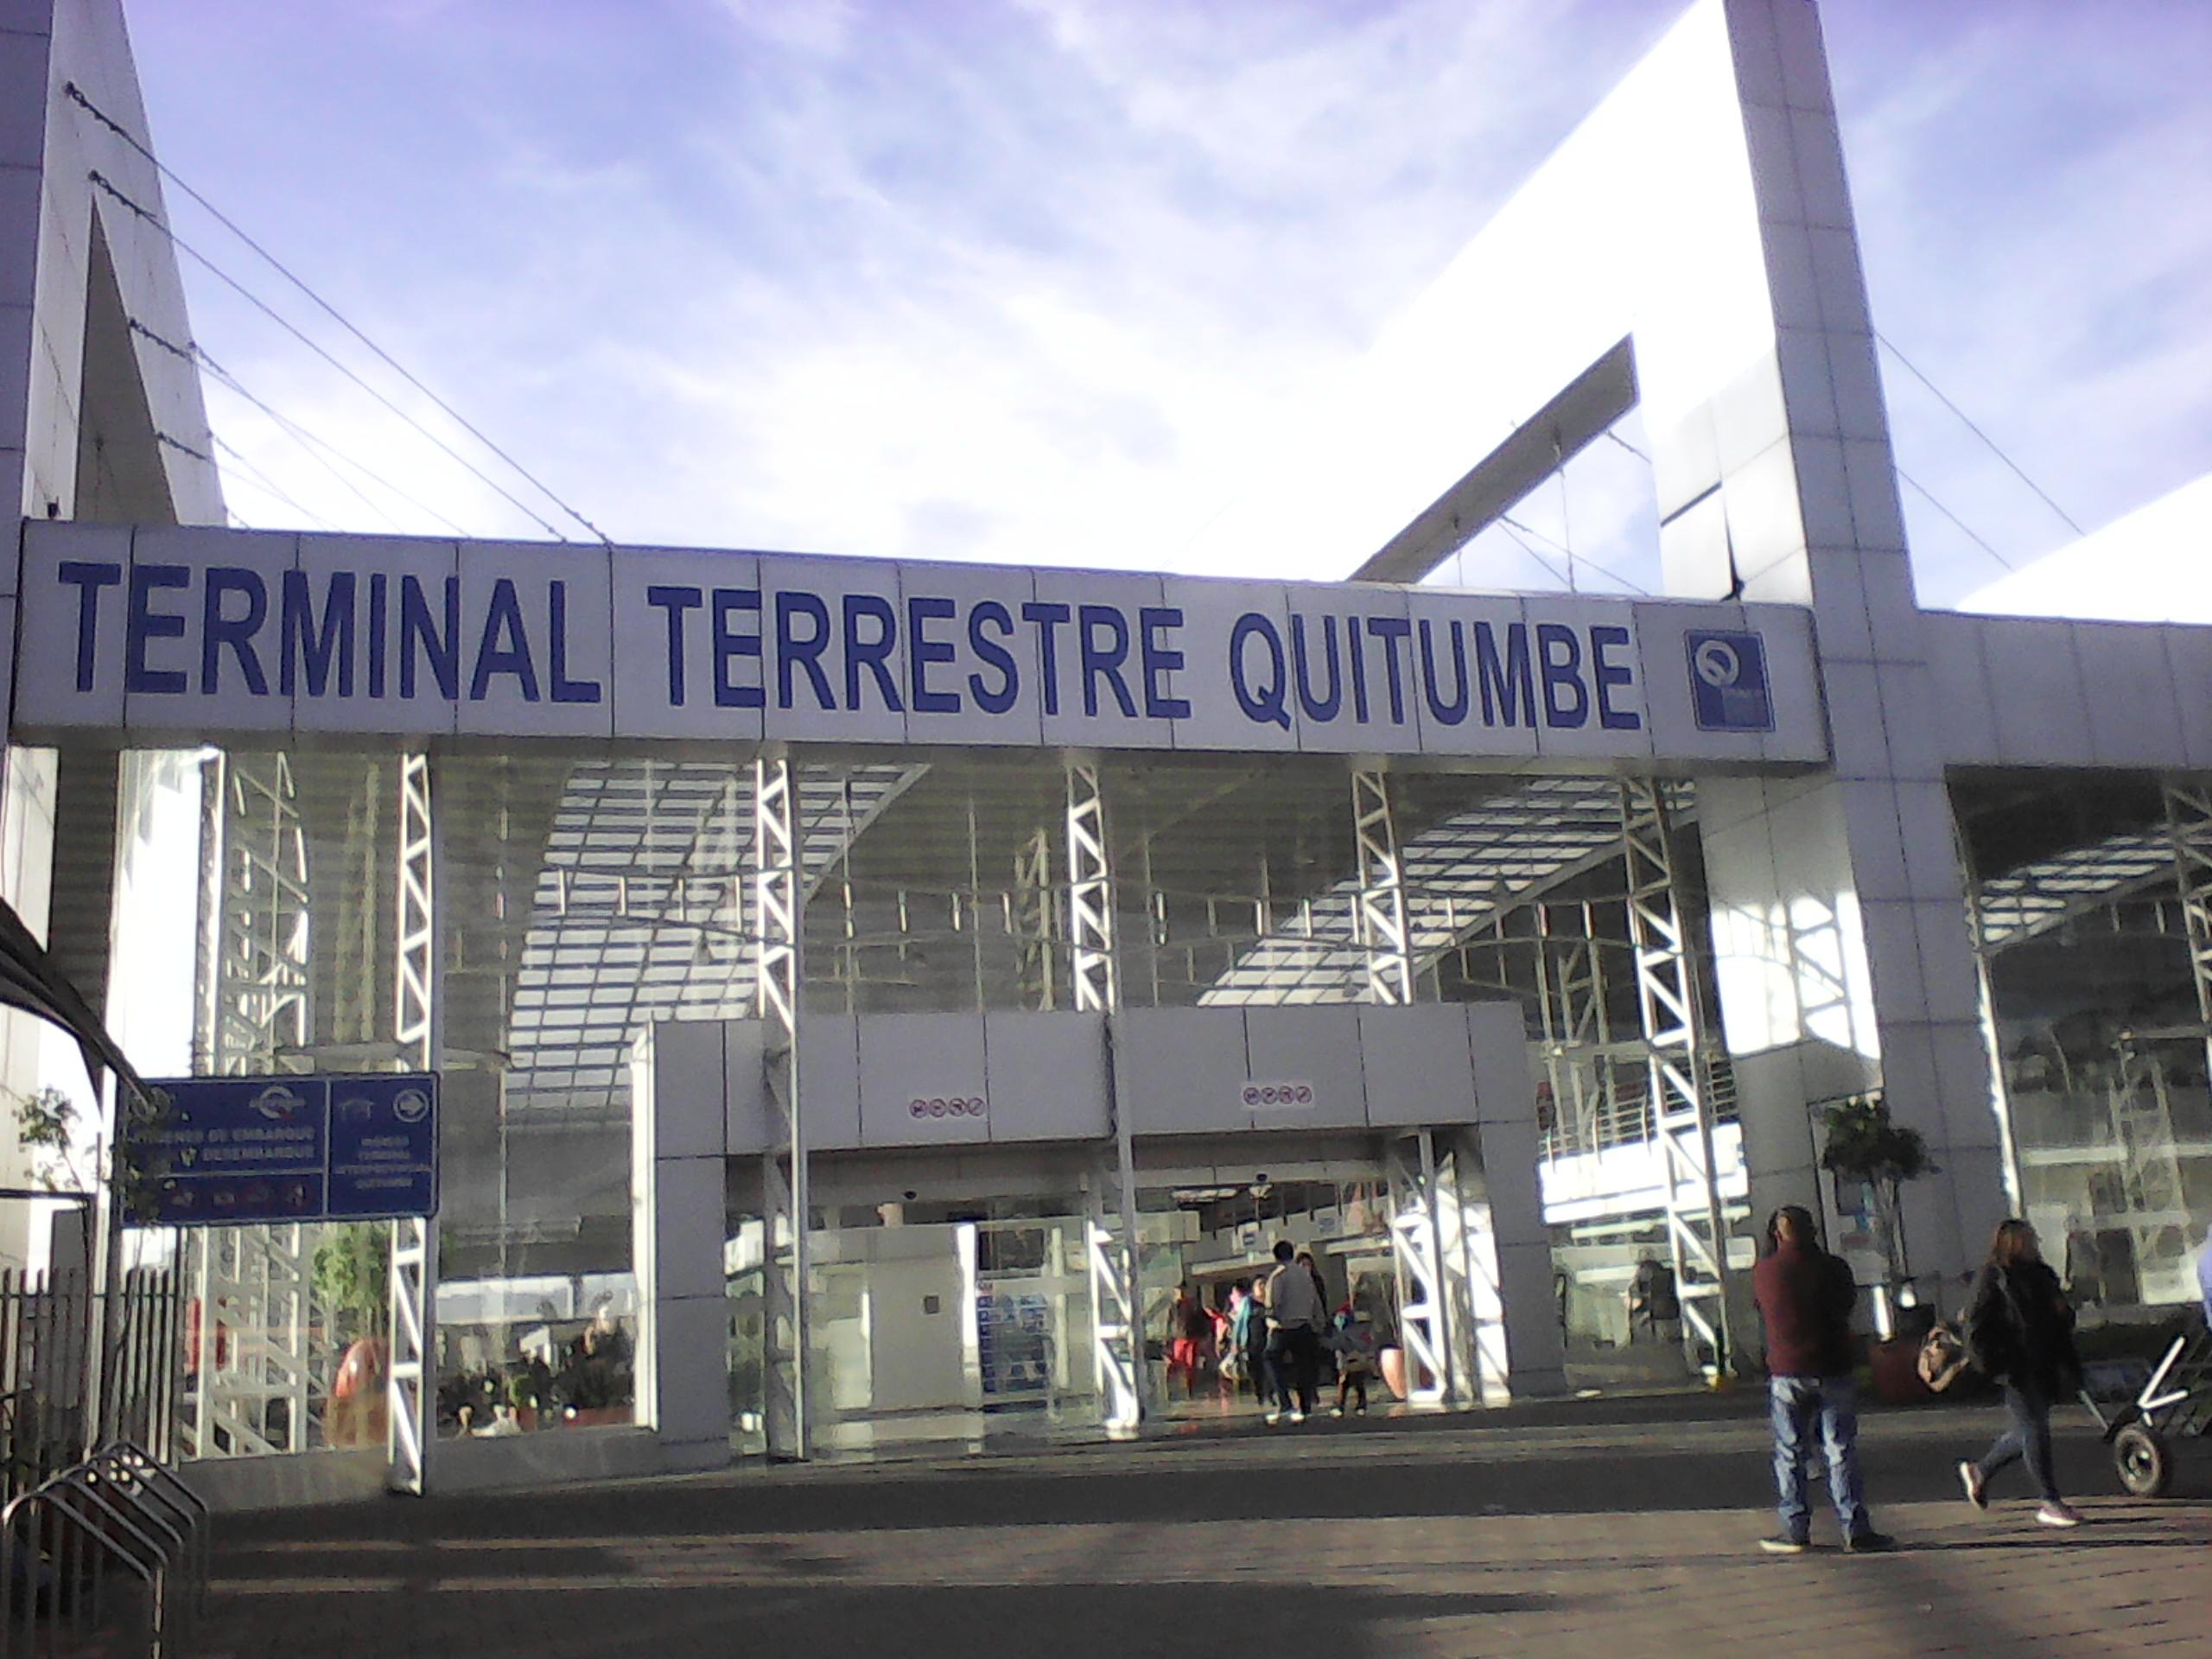 Terminal Terrestre Quitumbe Wikipedia La Enciclopedia Libre